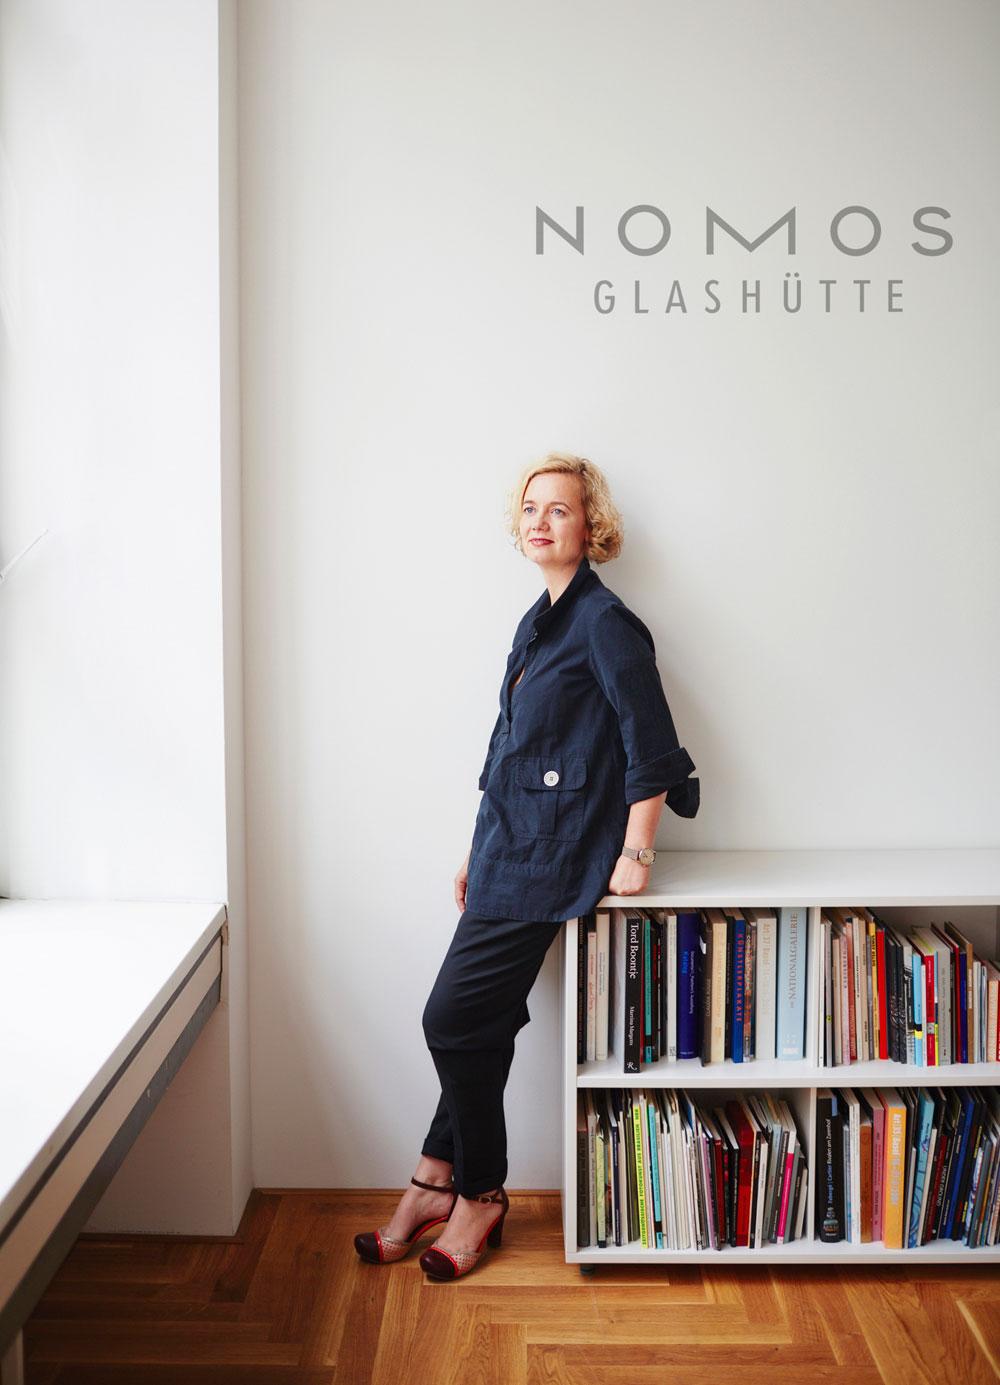 Judith Borowski es la responsable de las campañas de publicidad y diseño de la firma relojera Nomos Glashütte